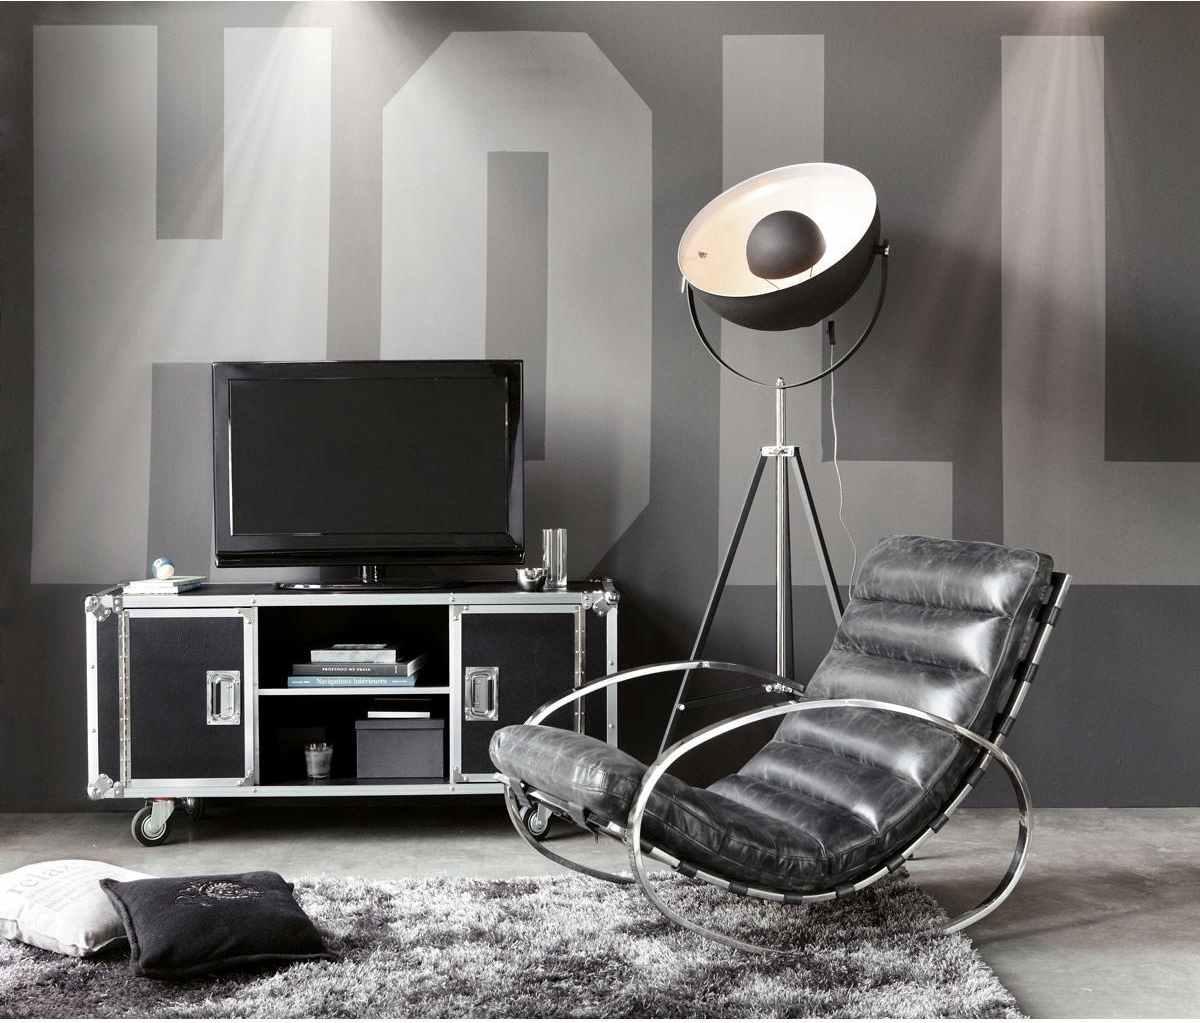 meuble tv bibliotheque design roulettes moderne maisons du monde fauteuil cuir noir tapis de sol gris